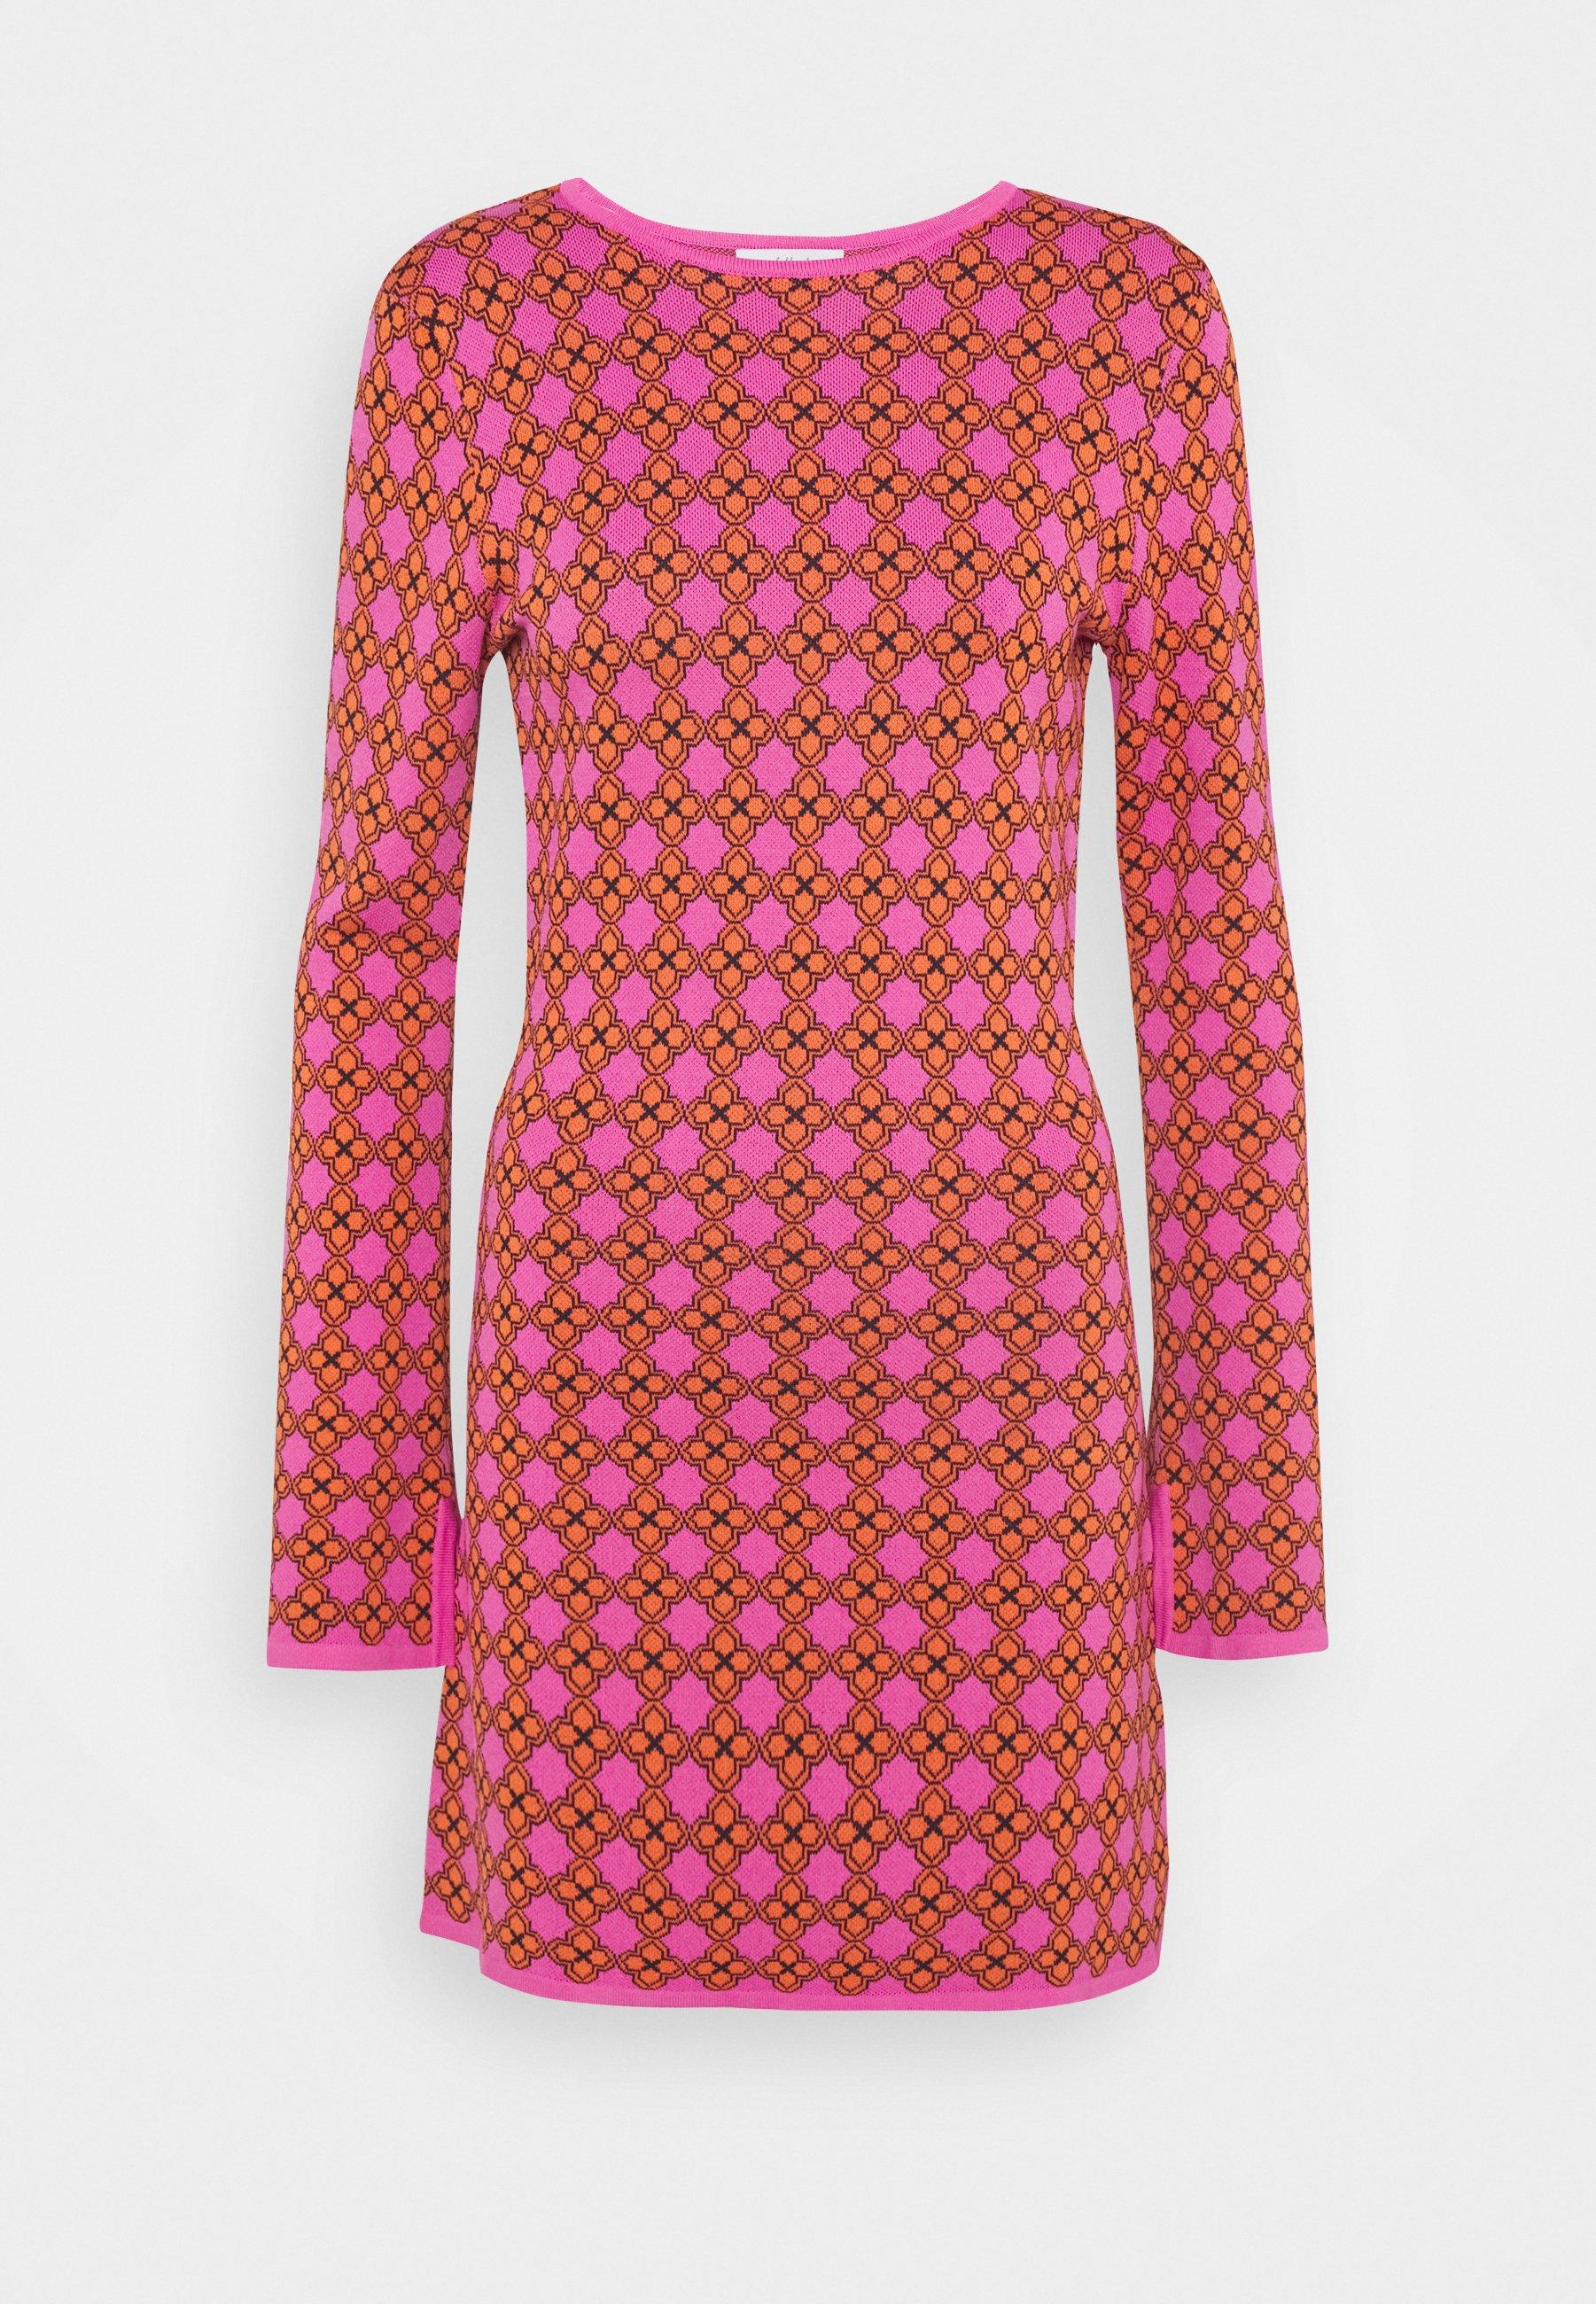 Femme MOSAIC TILE SWING DRESS - Robe pull